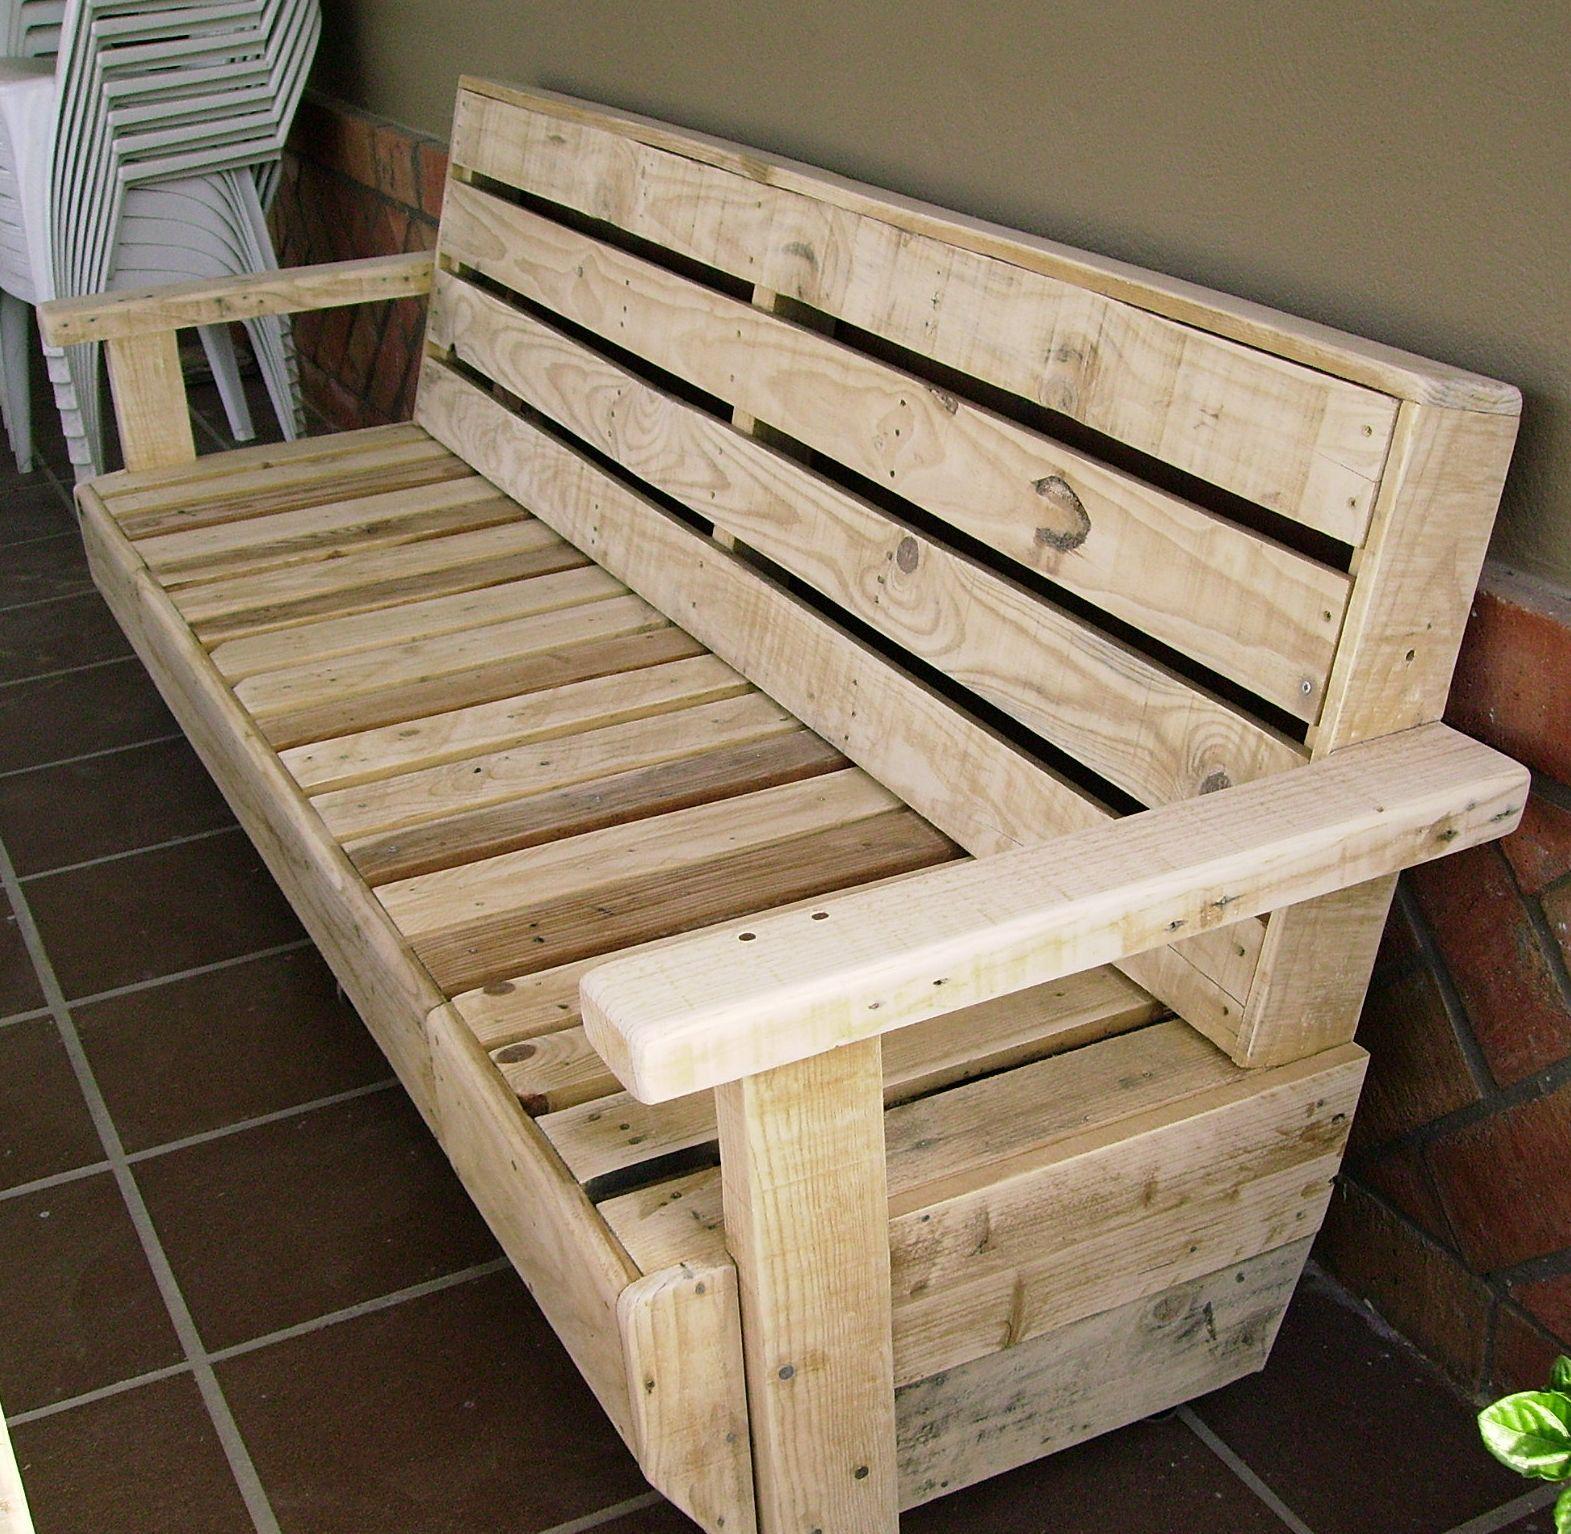 Pin de marycruz soto en ideas pinterest muebles - Palets muebles reciclados ...